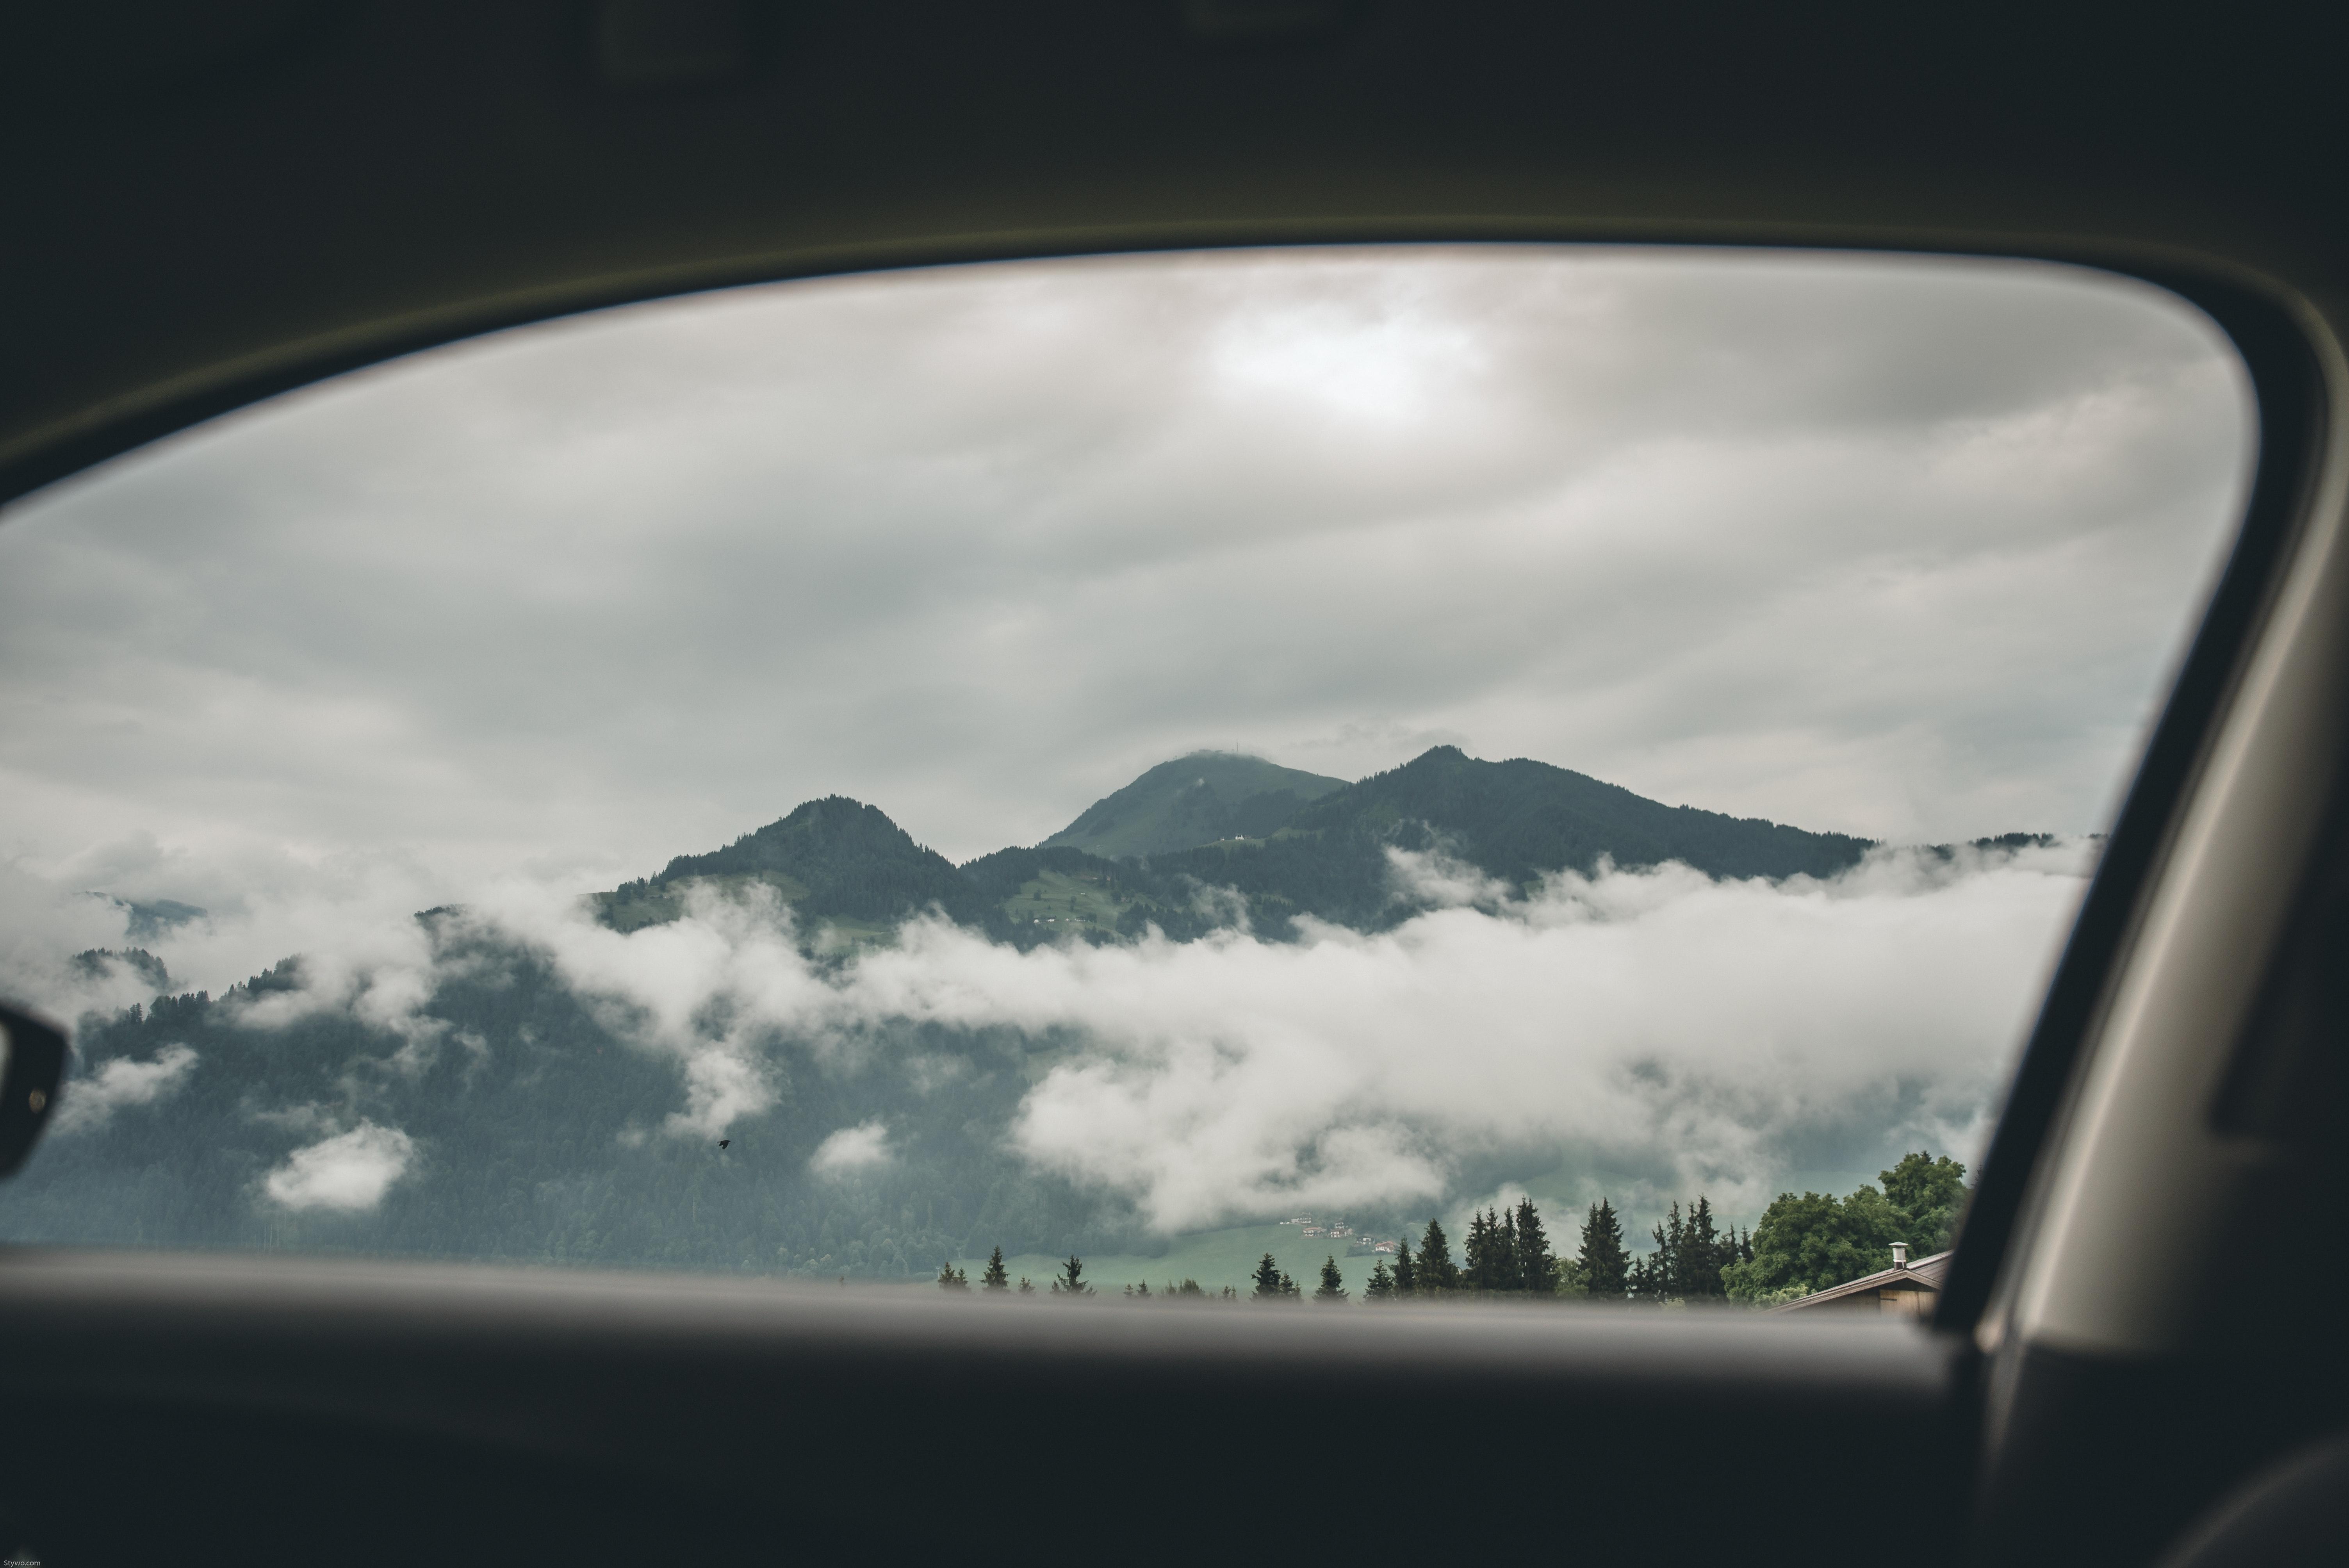 图片素材 4k壁纸 云彩 多云的 桌面背景 环境 多雾路段 免费壁纸